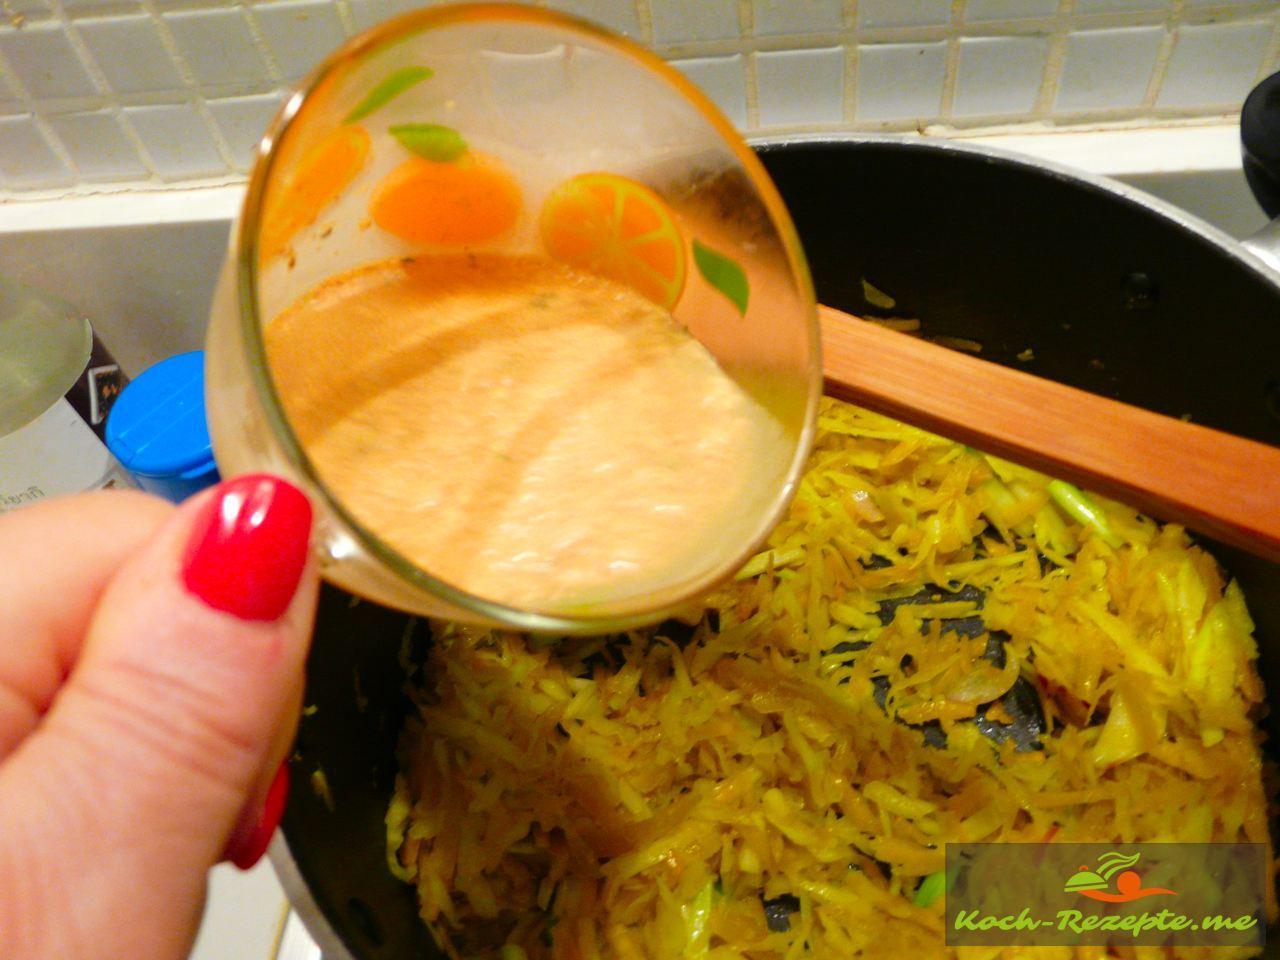 Thai Rezept Gemüse Nudeln Garnelen, Brühe mit Chili und Sojasauce angießen